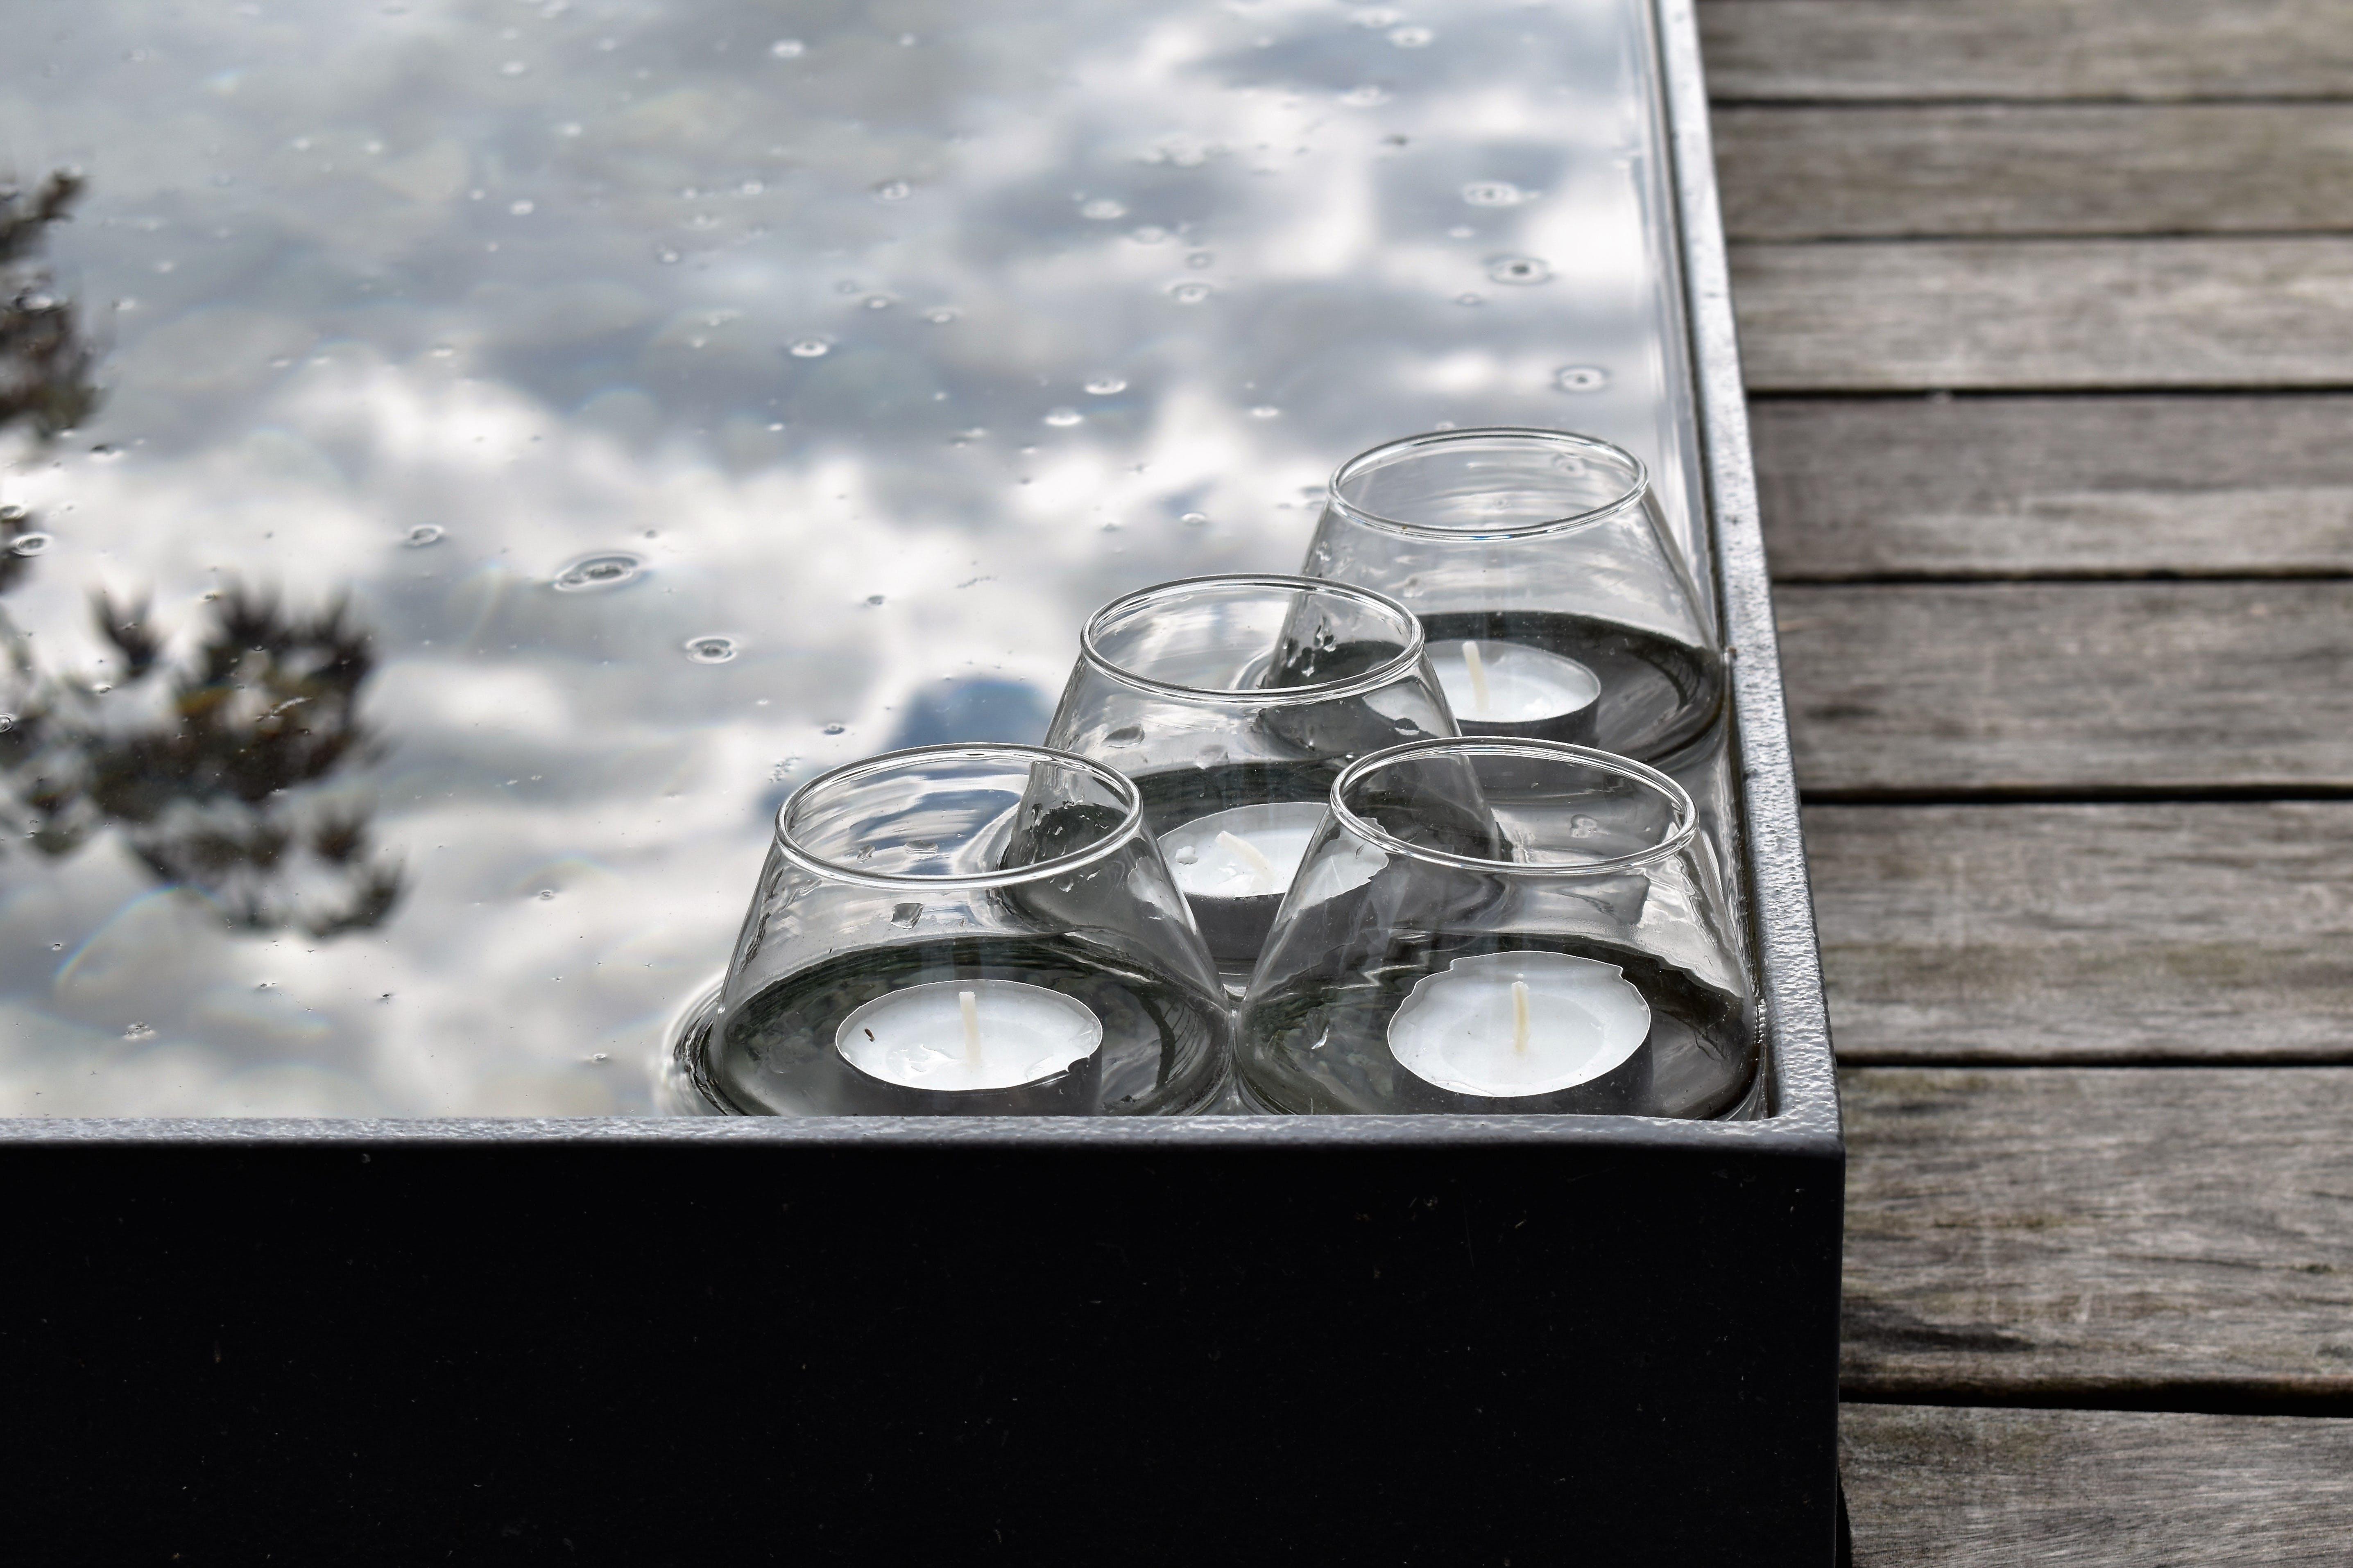 Kostenloses Stock Foto zu wasser, teich, schwimmen, stimmung